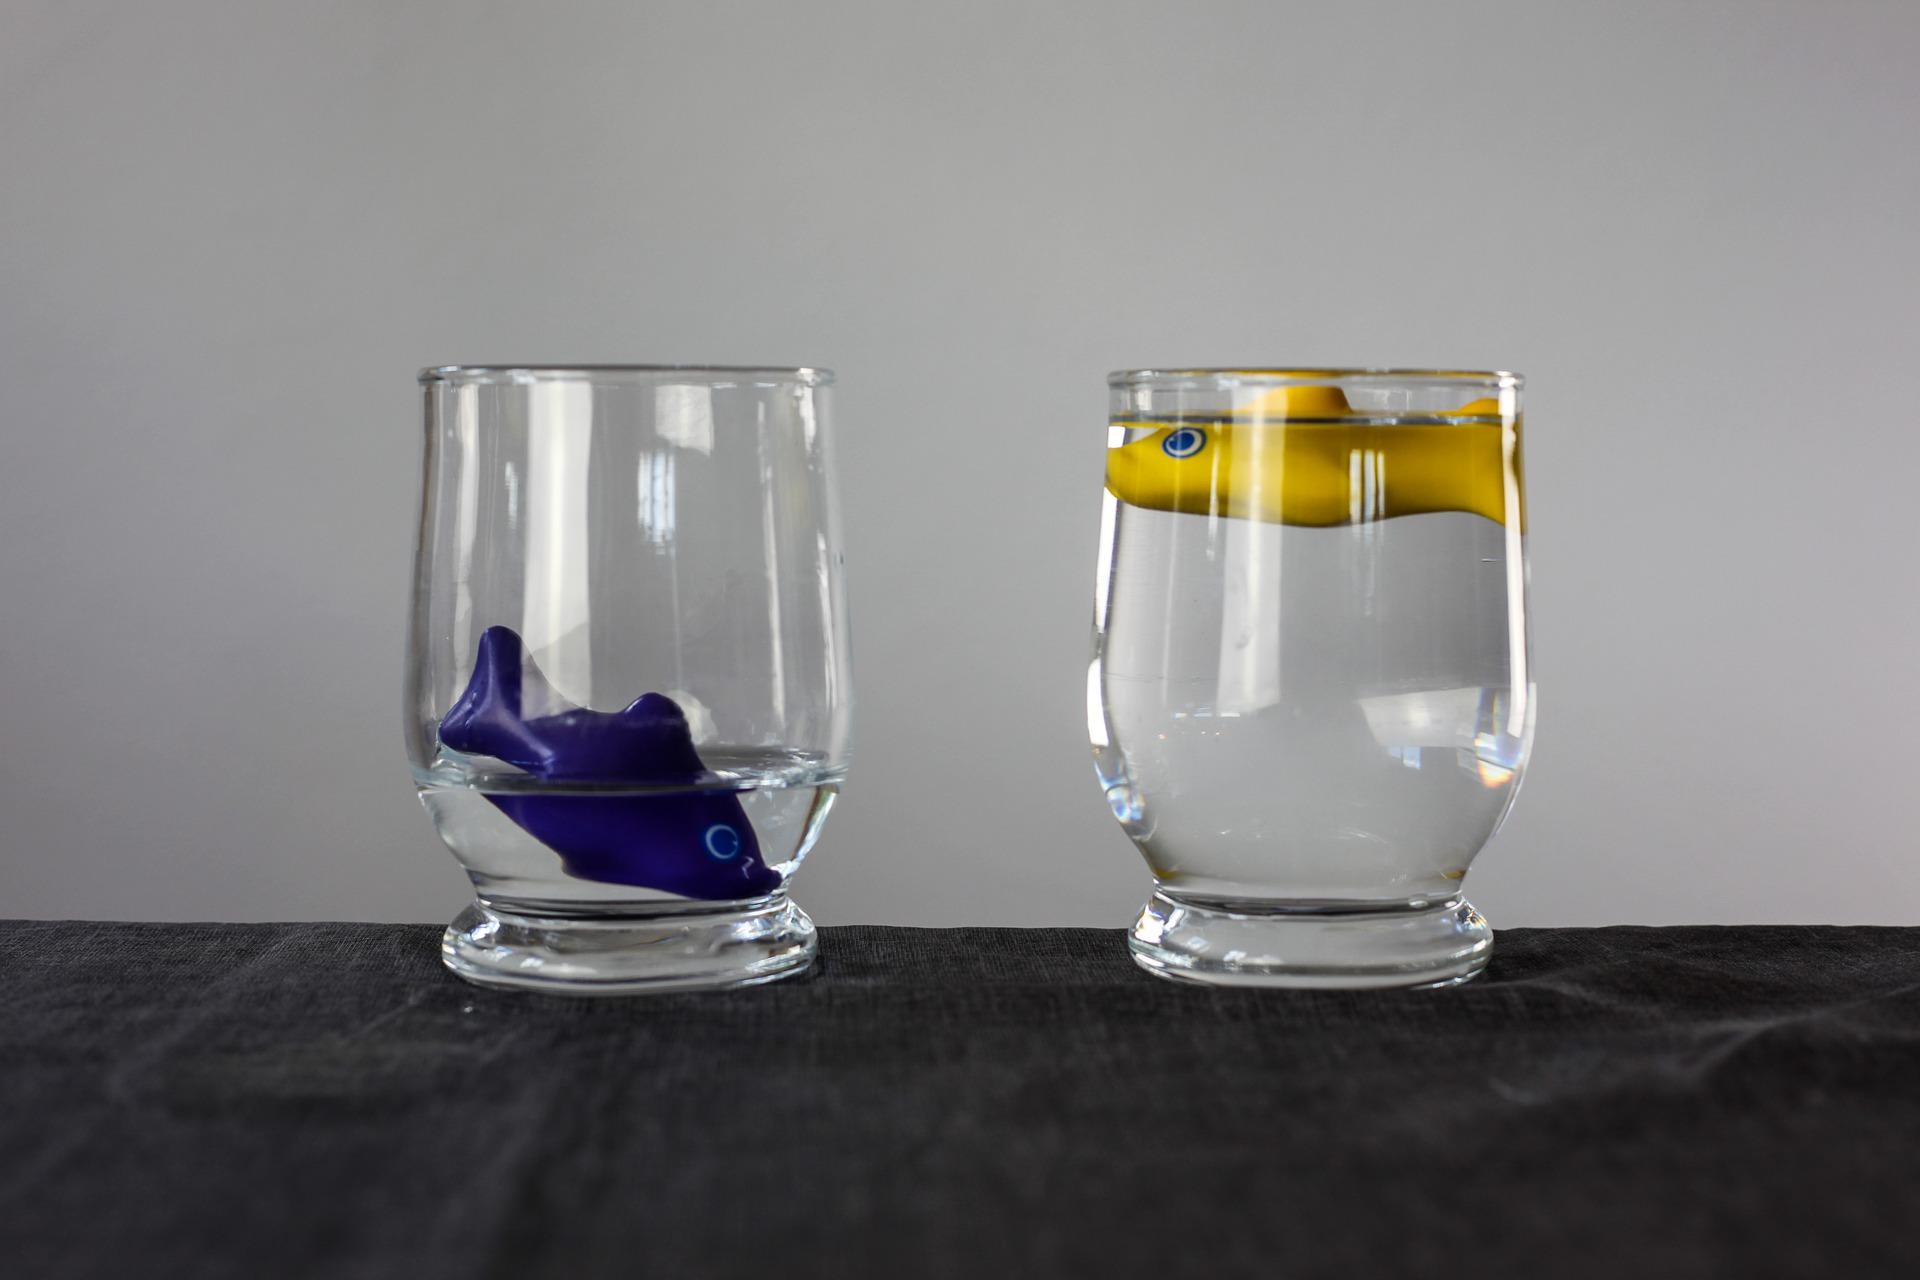 2 Wassergläser mit je einem Plastikfisch drin, das linke Glas fast leer, das rechte Glas ist voll.